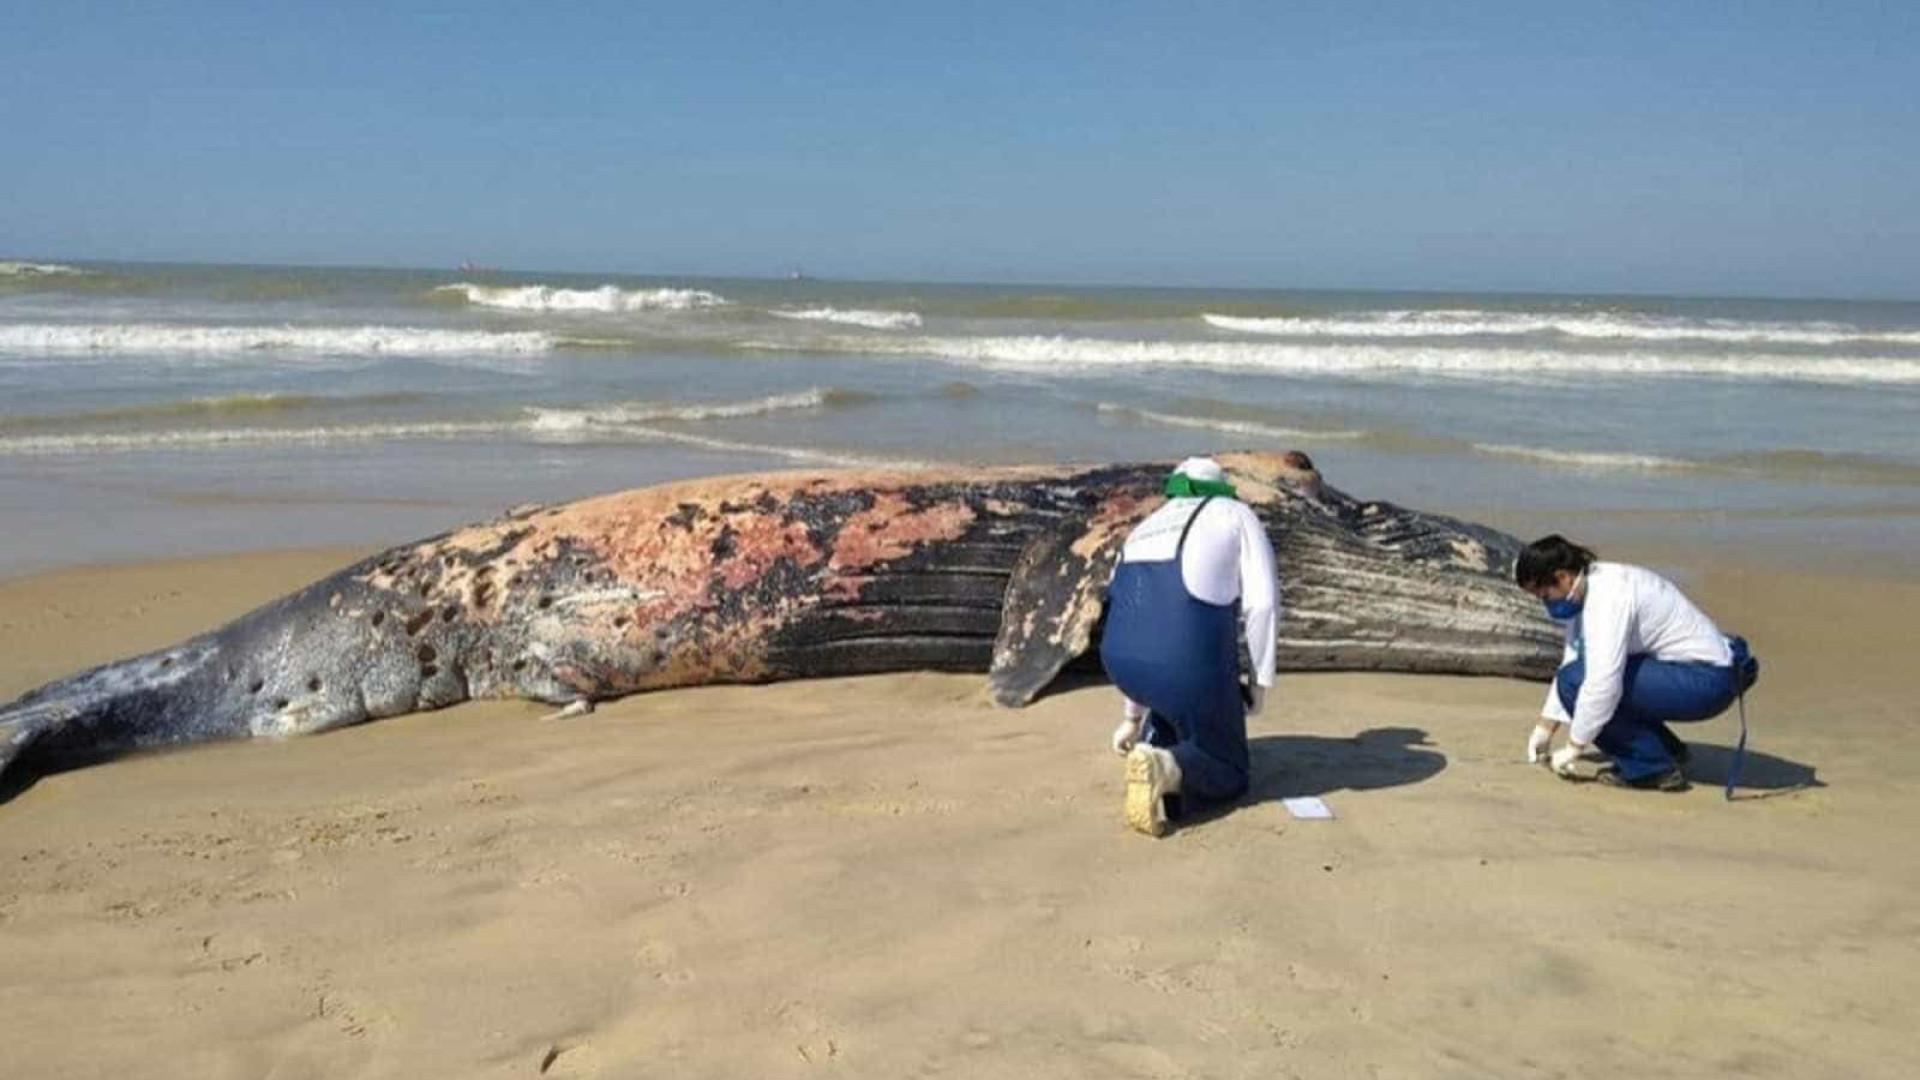 Baleia jubarte de 8 metros é encontrada morta em praia do Rio